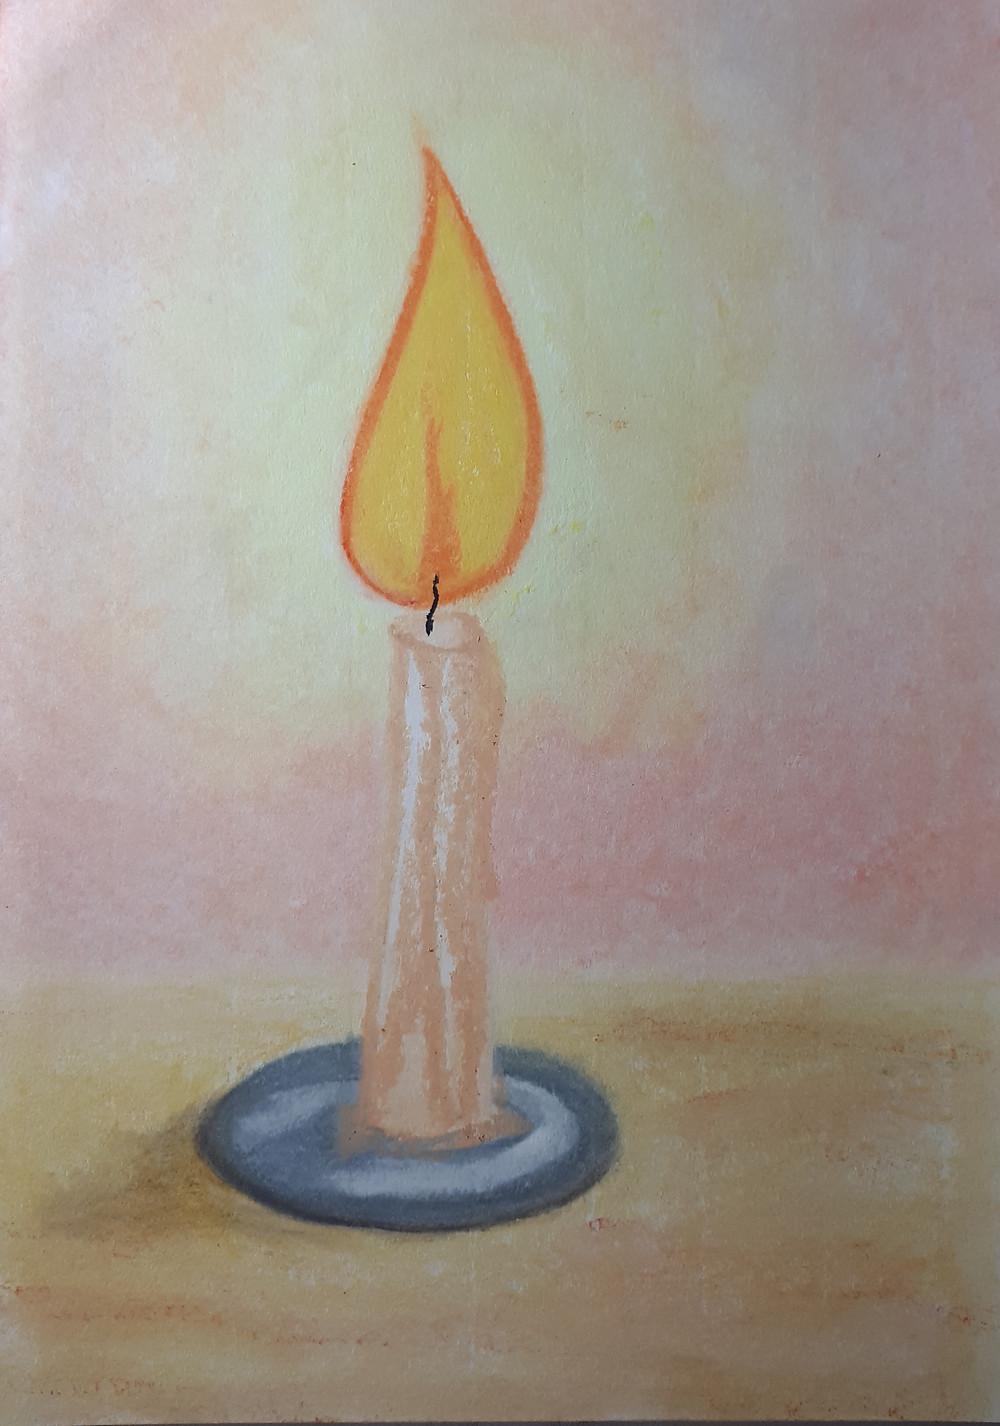 Desenho em pastel oleoso no tamanho de uma folha A4 de uma vela branca acesa posta em um pequeno pires cinza que está sobre uma superfície marrom clara, o fundo em tons claros de rosa se misturam com a luminosidade da vela.